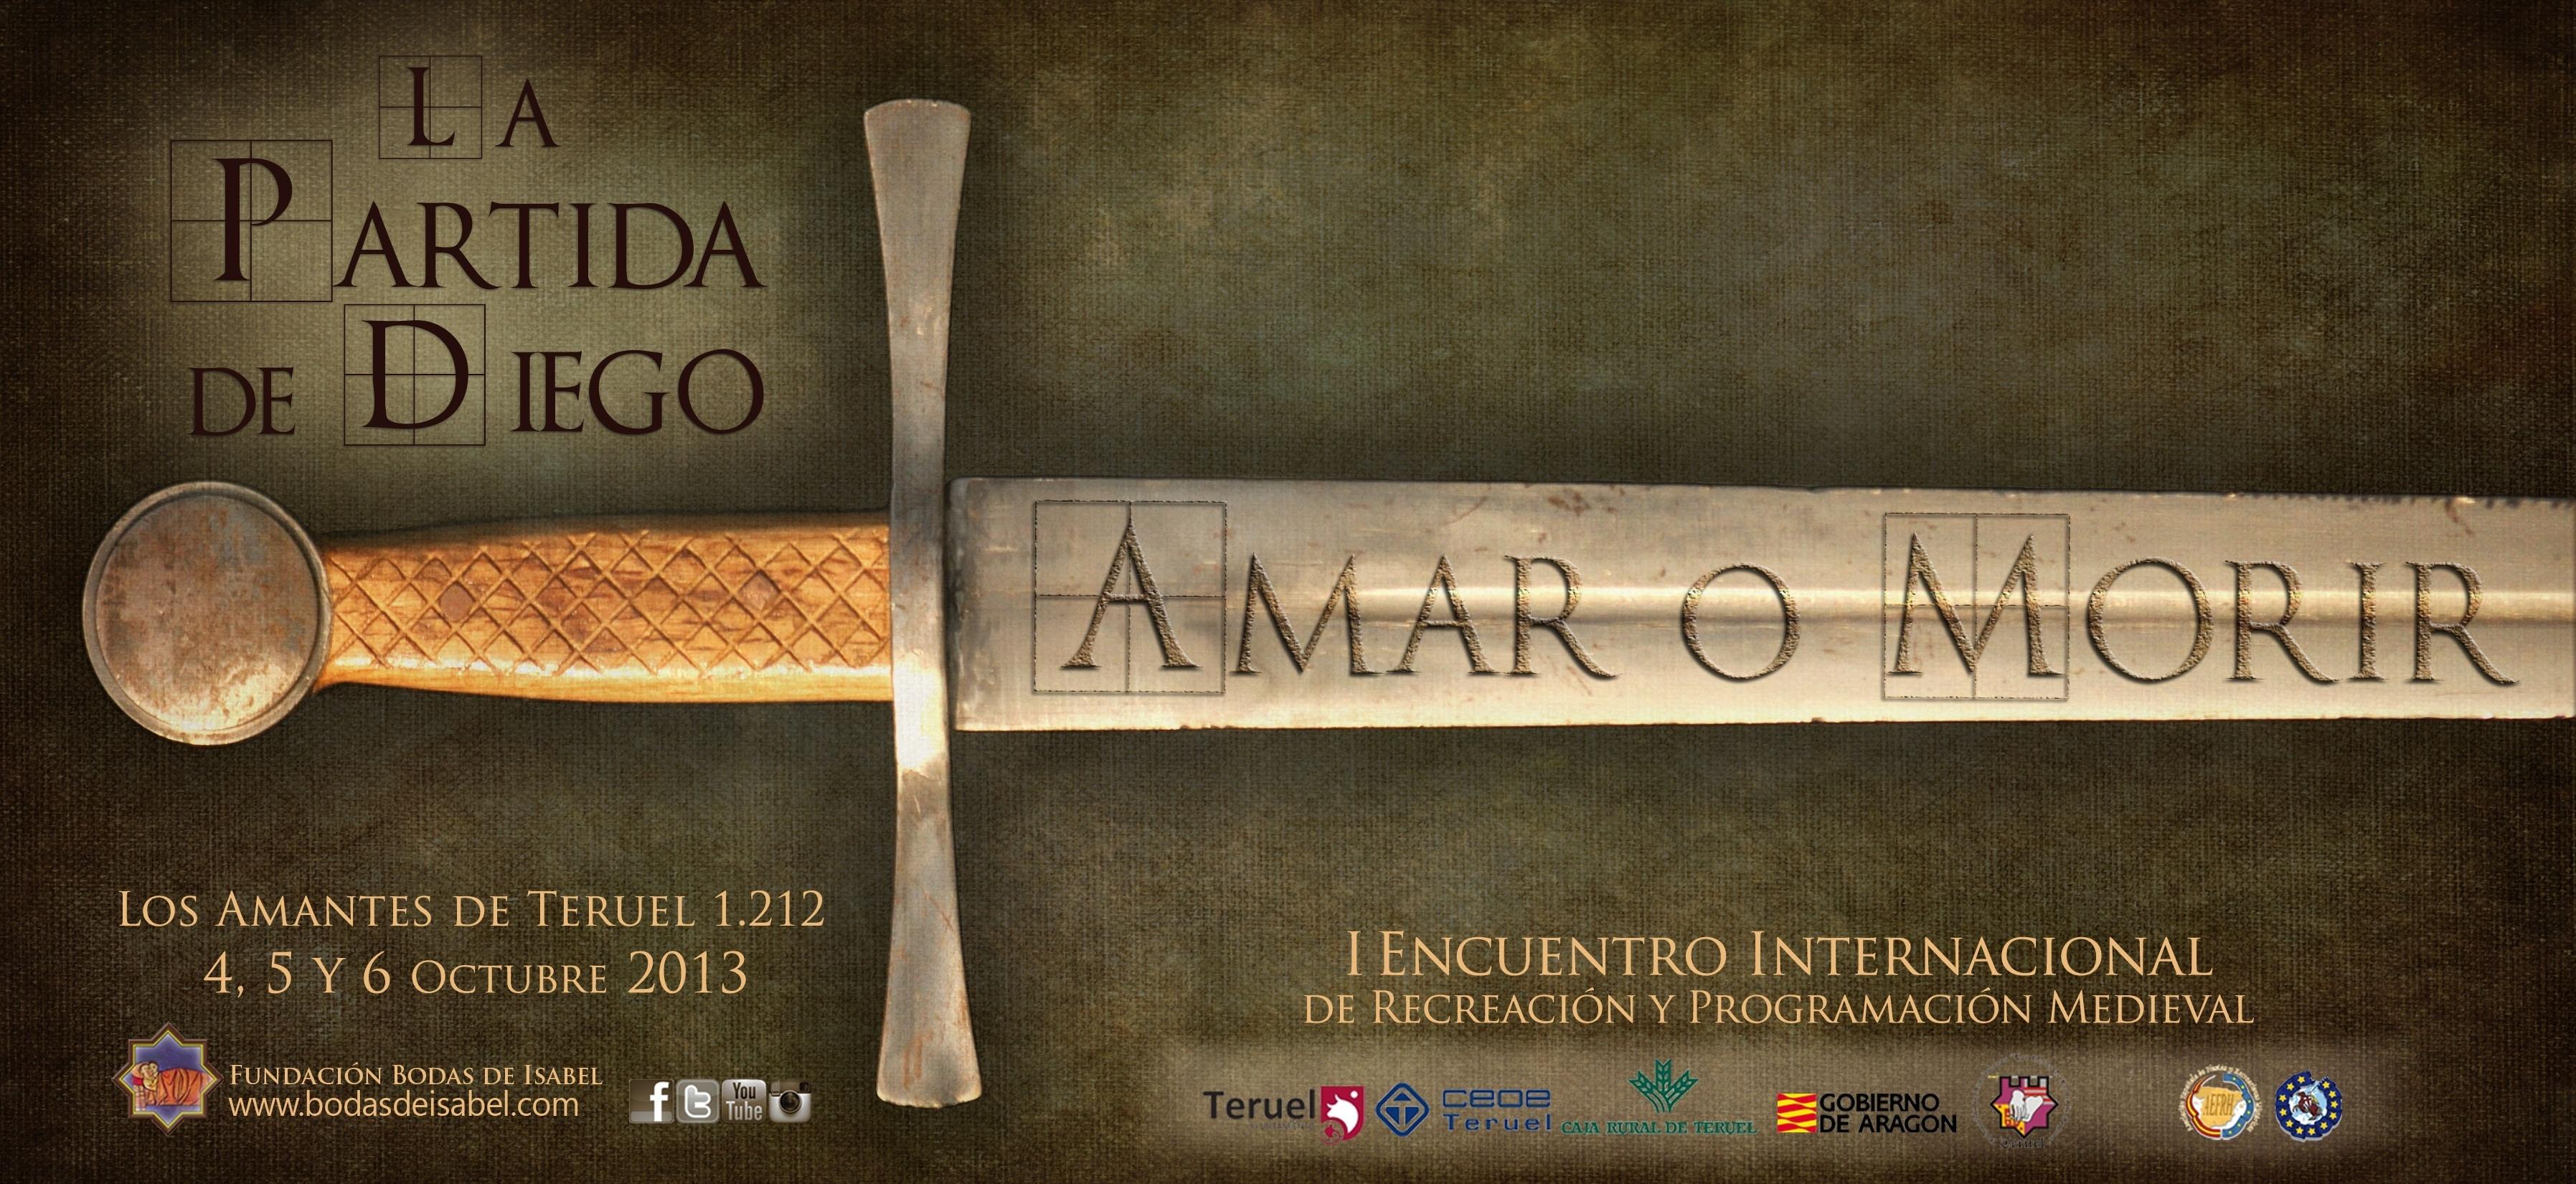 La tercera edición de la Partida de Diego se celebrará del 4 al 6 de octubre